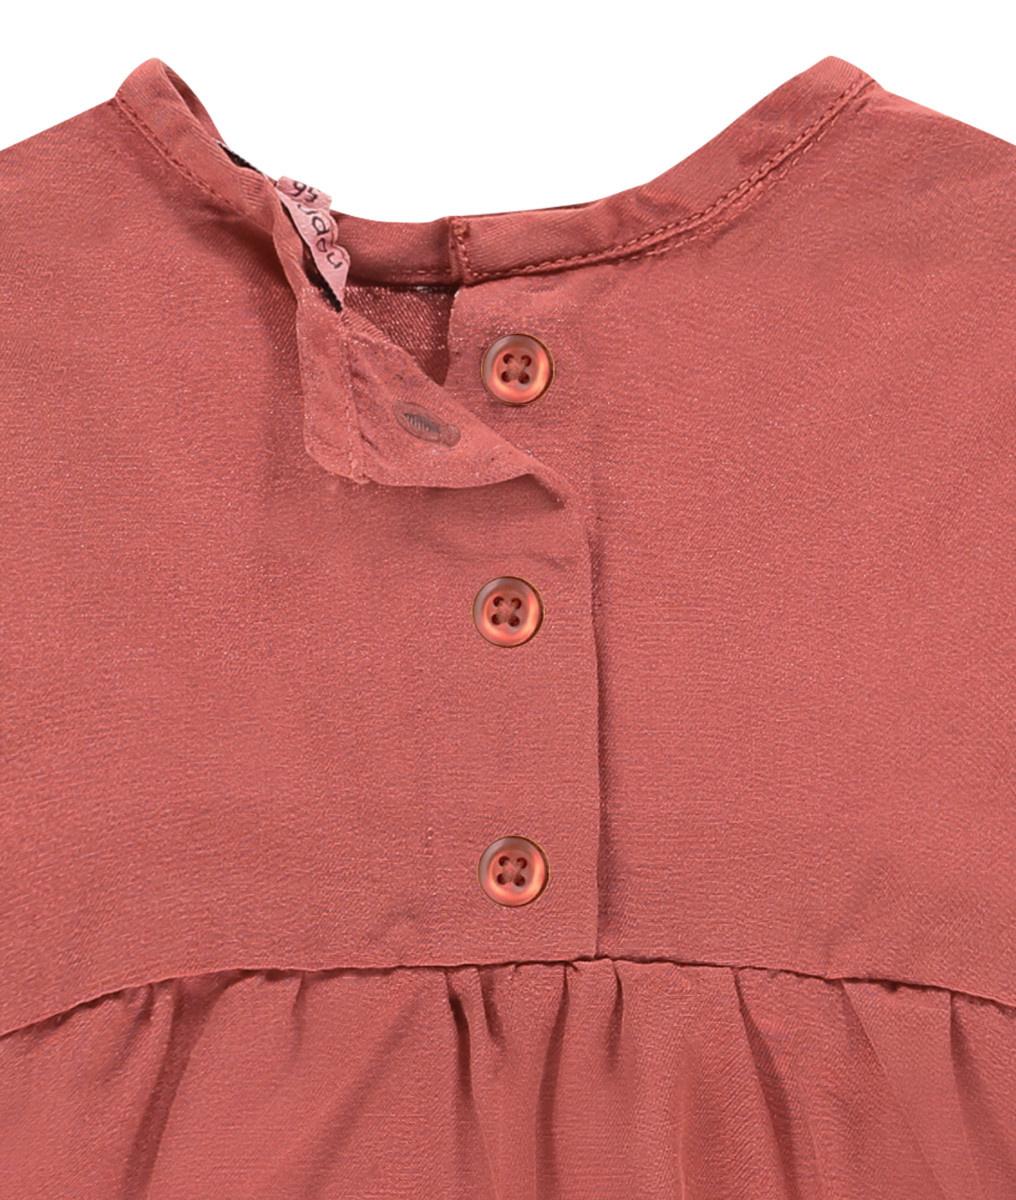 Noppies Noppies Dress - Long Sleeve